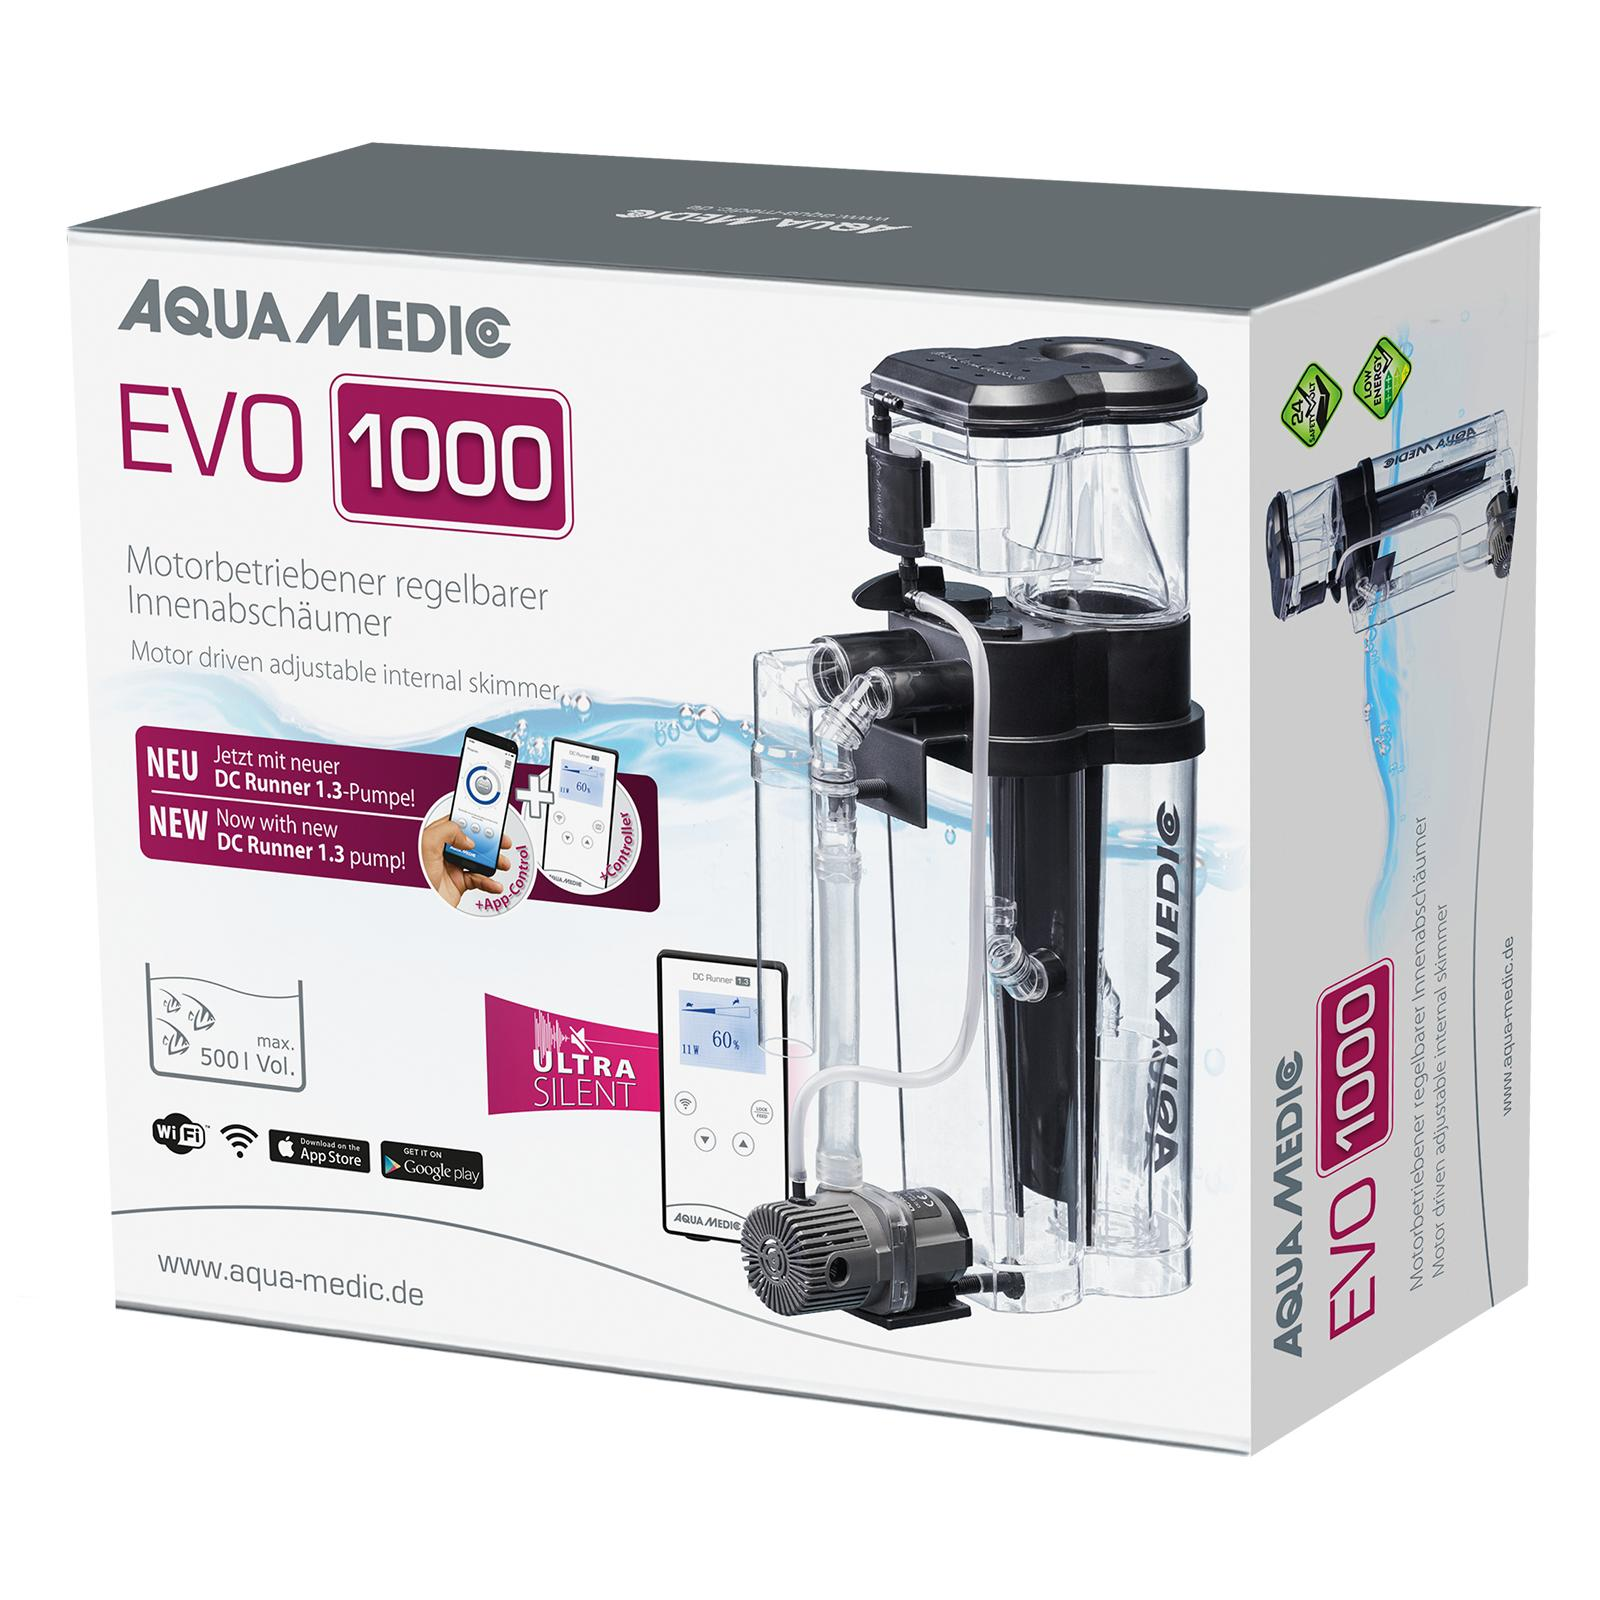 AQUA MEDIC EVO 1000 DC Runner 1.3 écumeur externe pour aquarium jusqu\'à 500 L